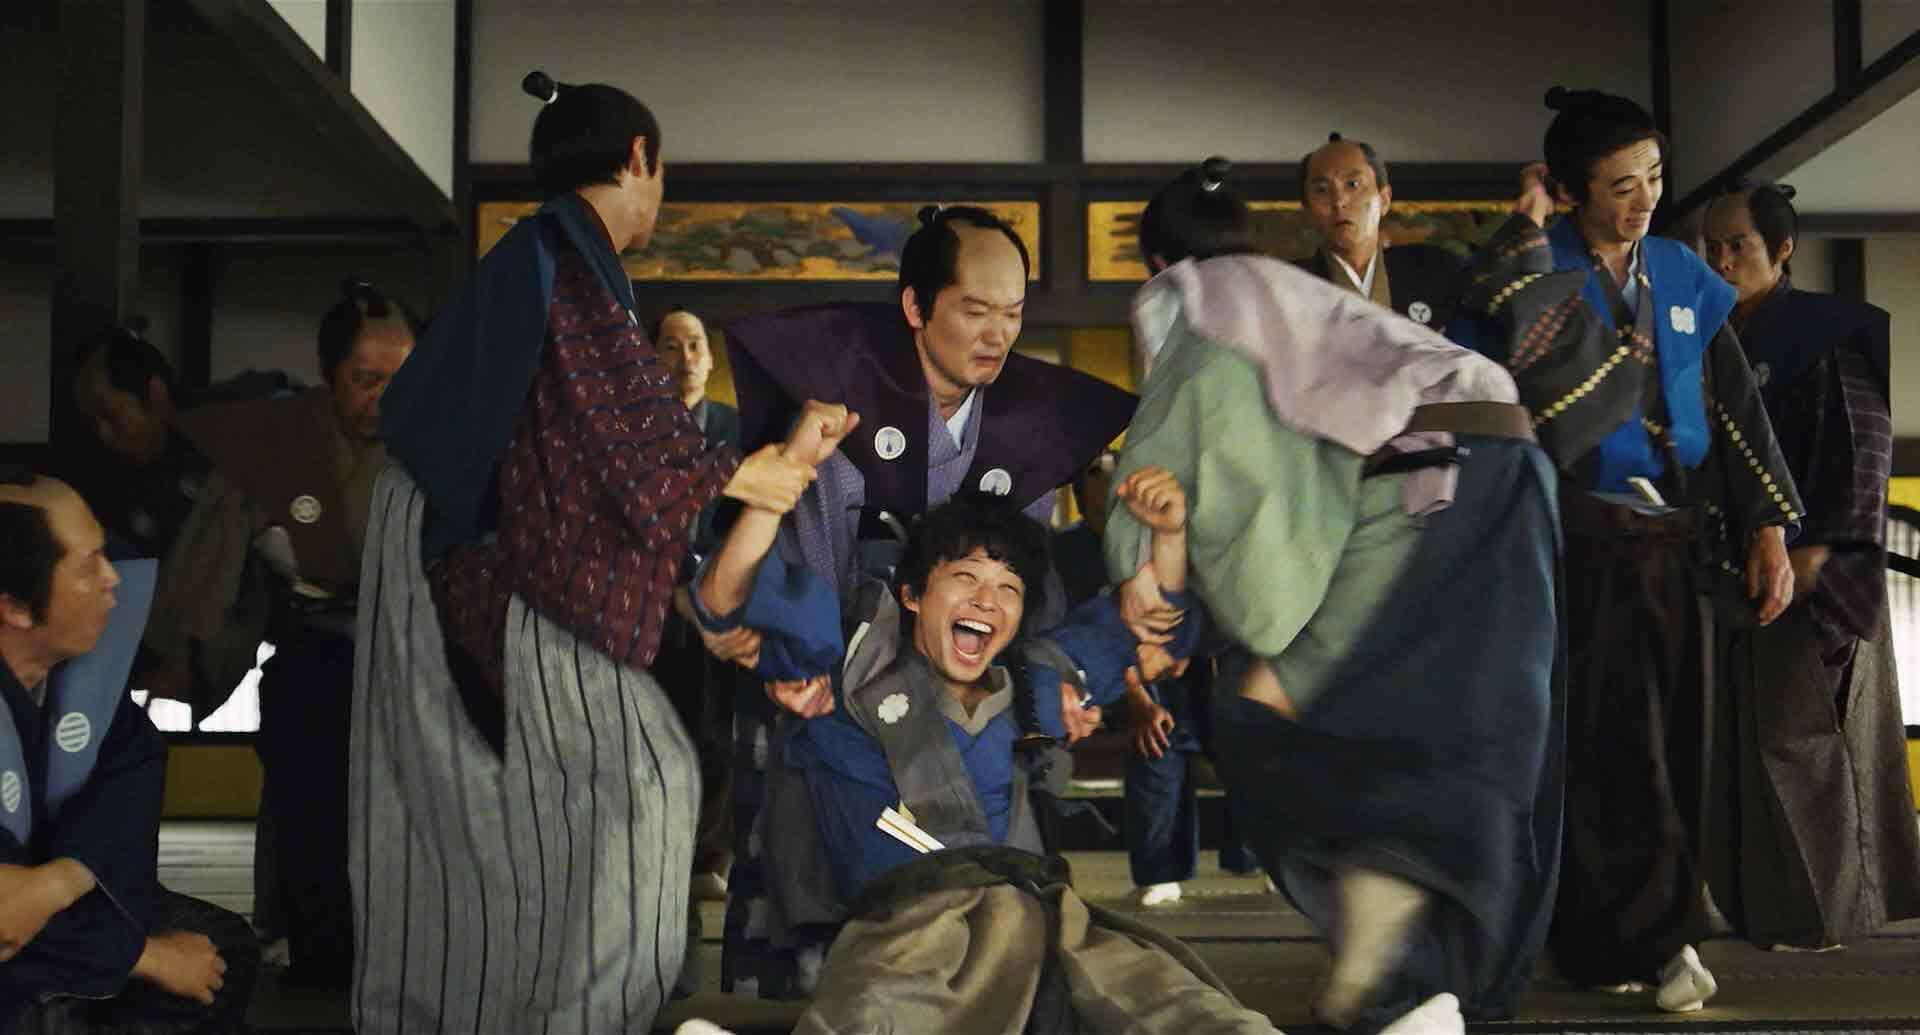 【チケプレ!】星野源主演映画『引っ越し大名!』の試写会に5組10名様をご招待! film190708_hikkoshidaimyo_2-1920x1035